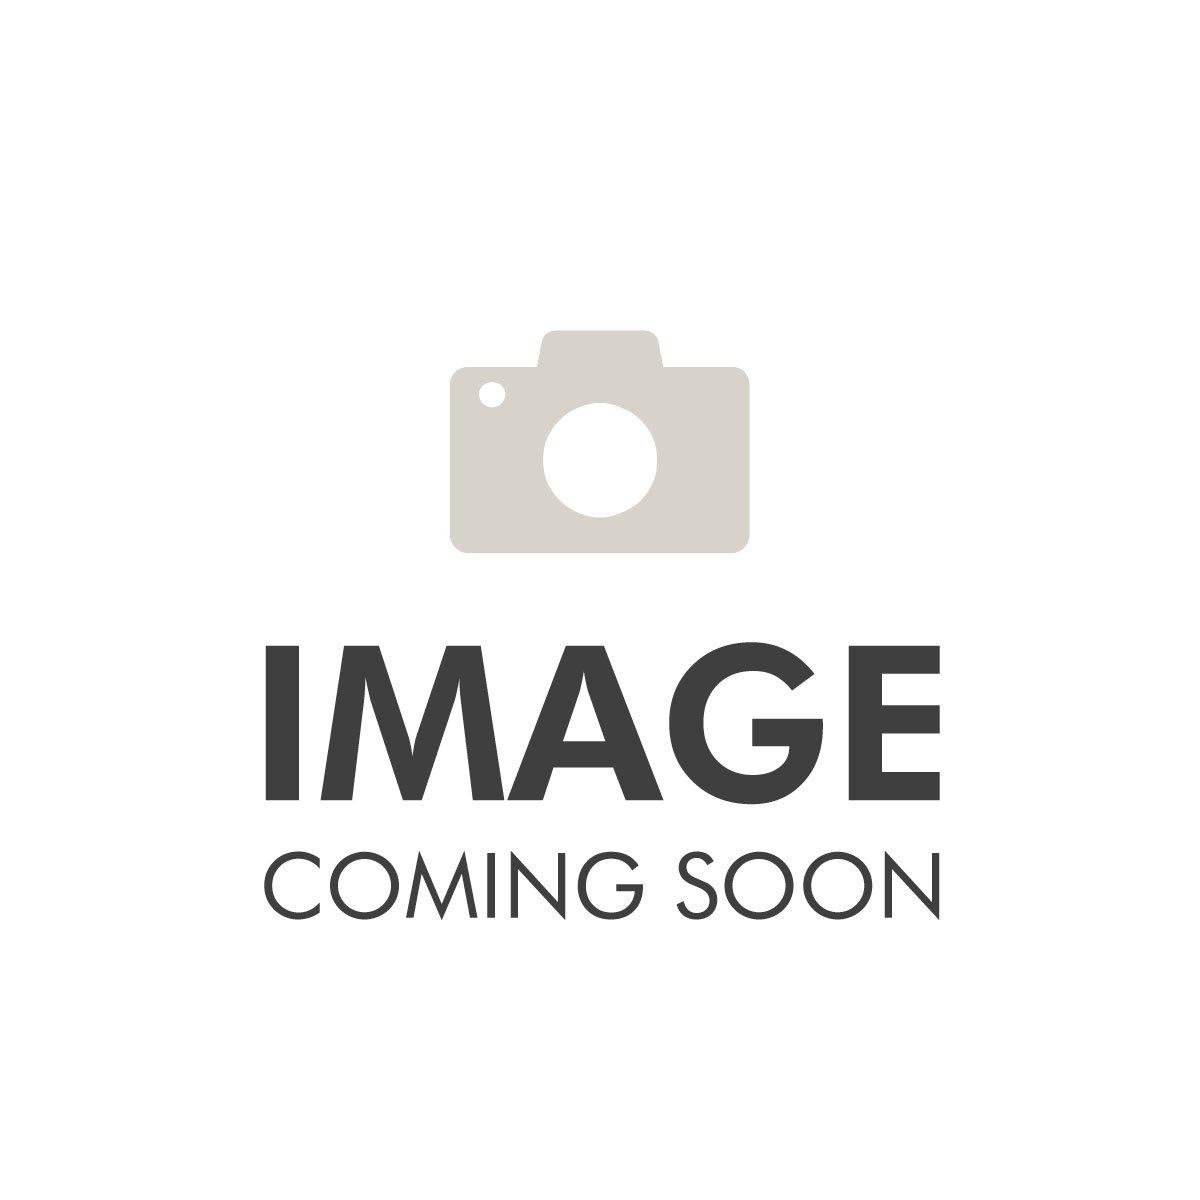 Allstar - Socle 3mm pour intérieur de garde